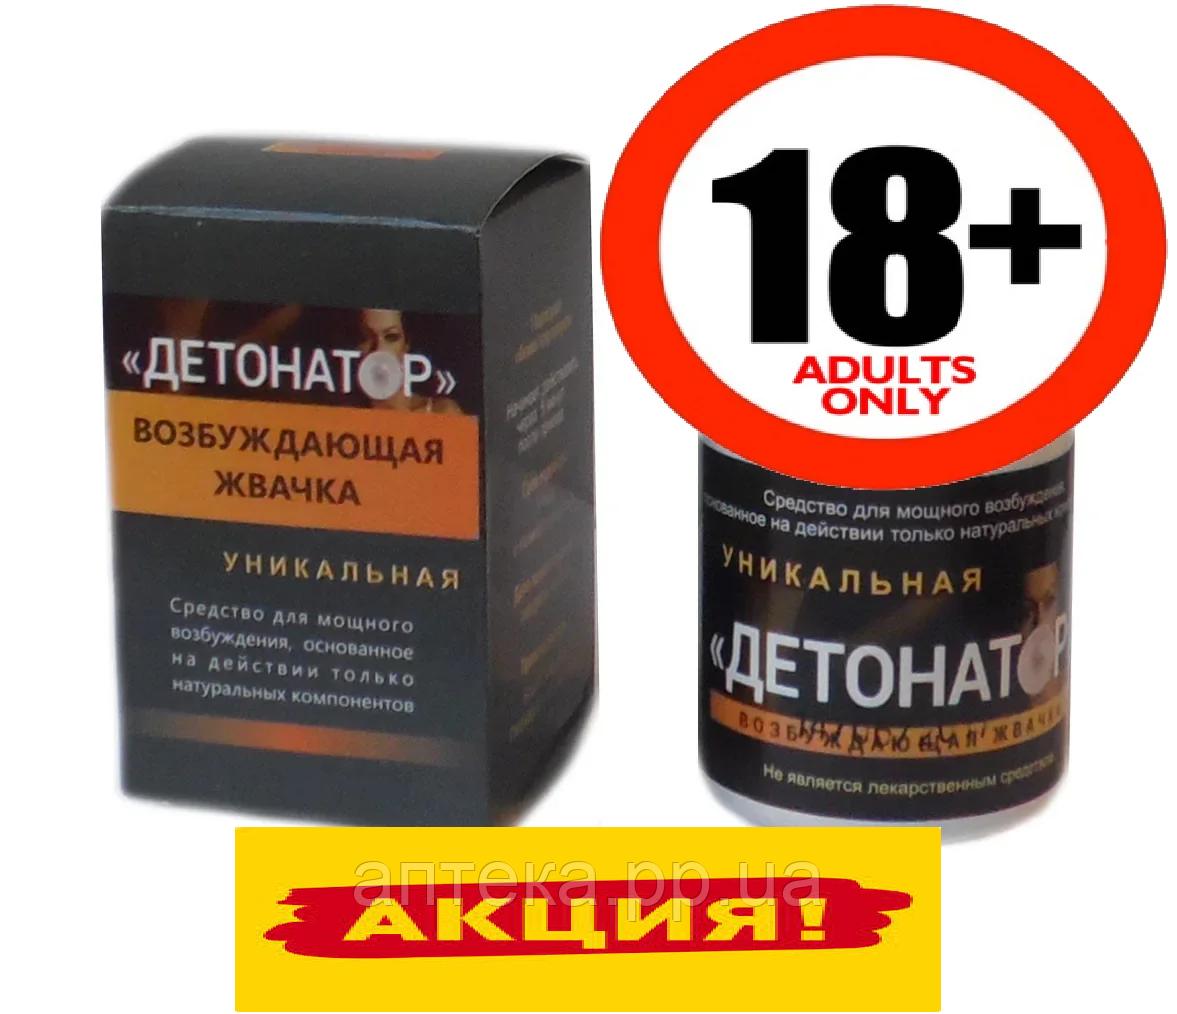 Breitling / Возбуждающая жвачка для двоих Детонатор, Возбуждающая жвачка в Украине